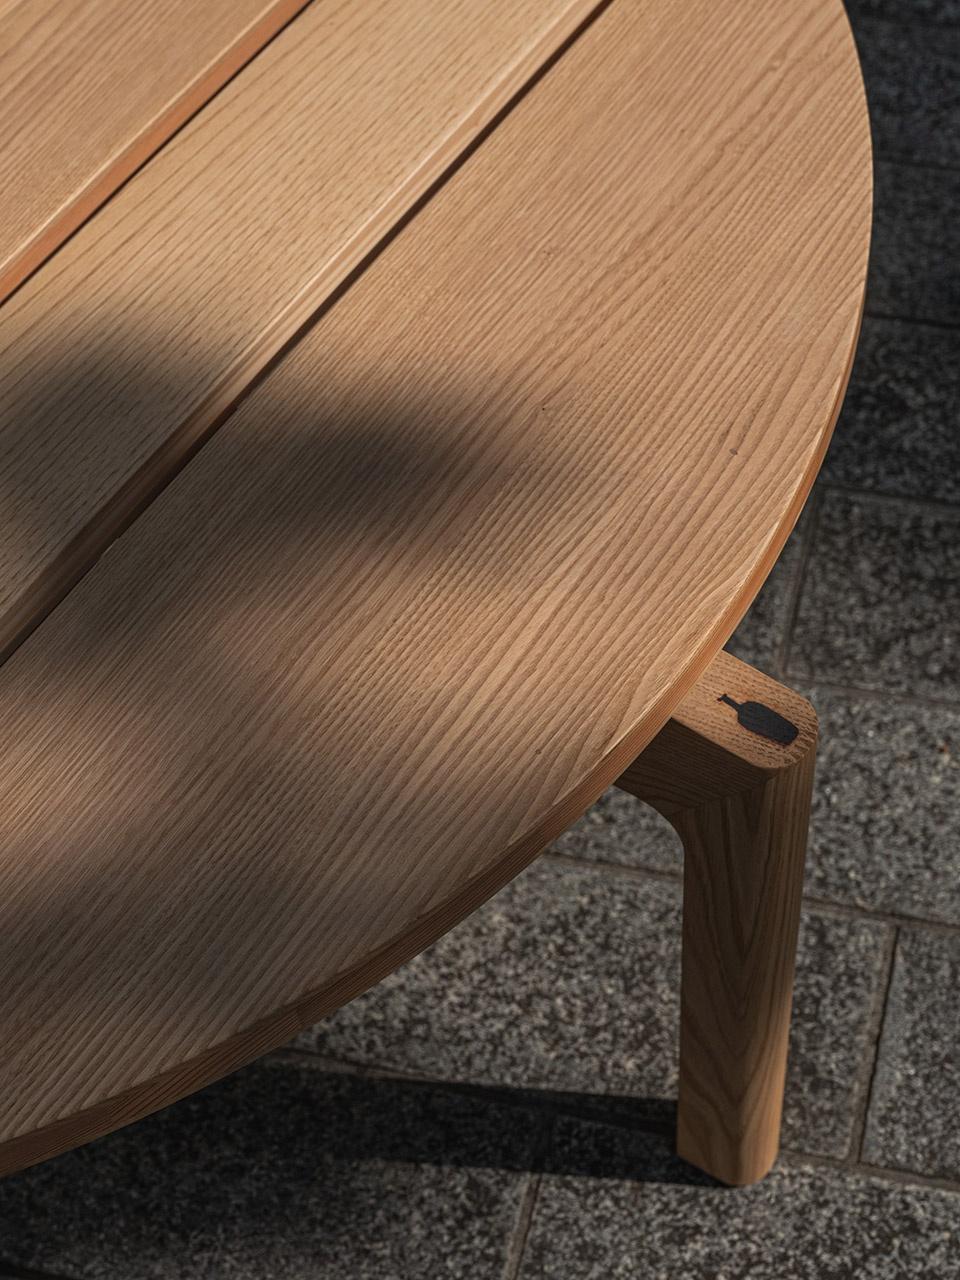 50-Blue-Bottle-Coffee-MinatoMirai-Cafe_Keiji-Ashizawa-Design-960x1280.jpg